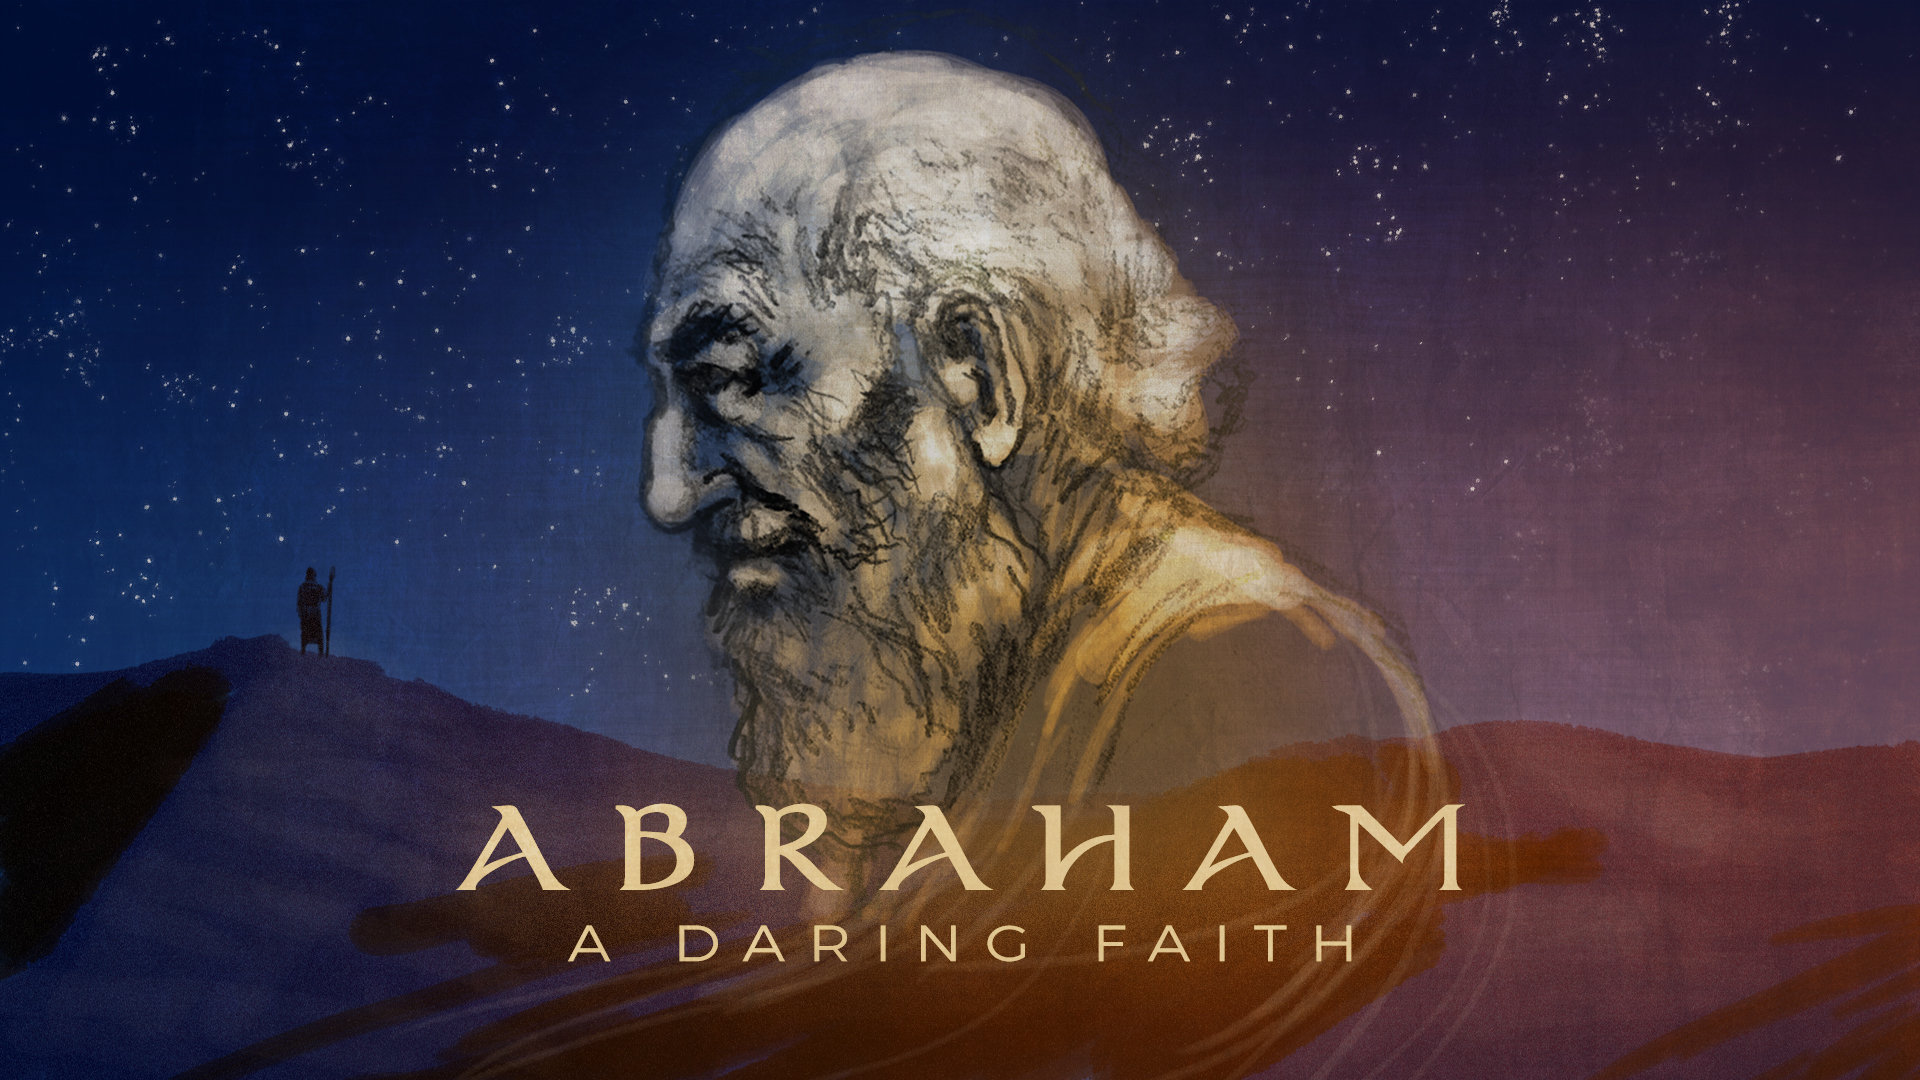 Abraham: A Daring Faith